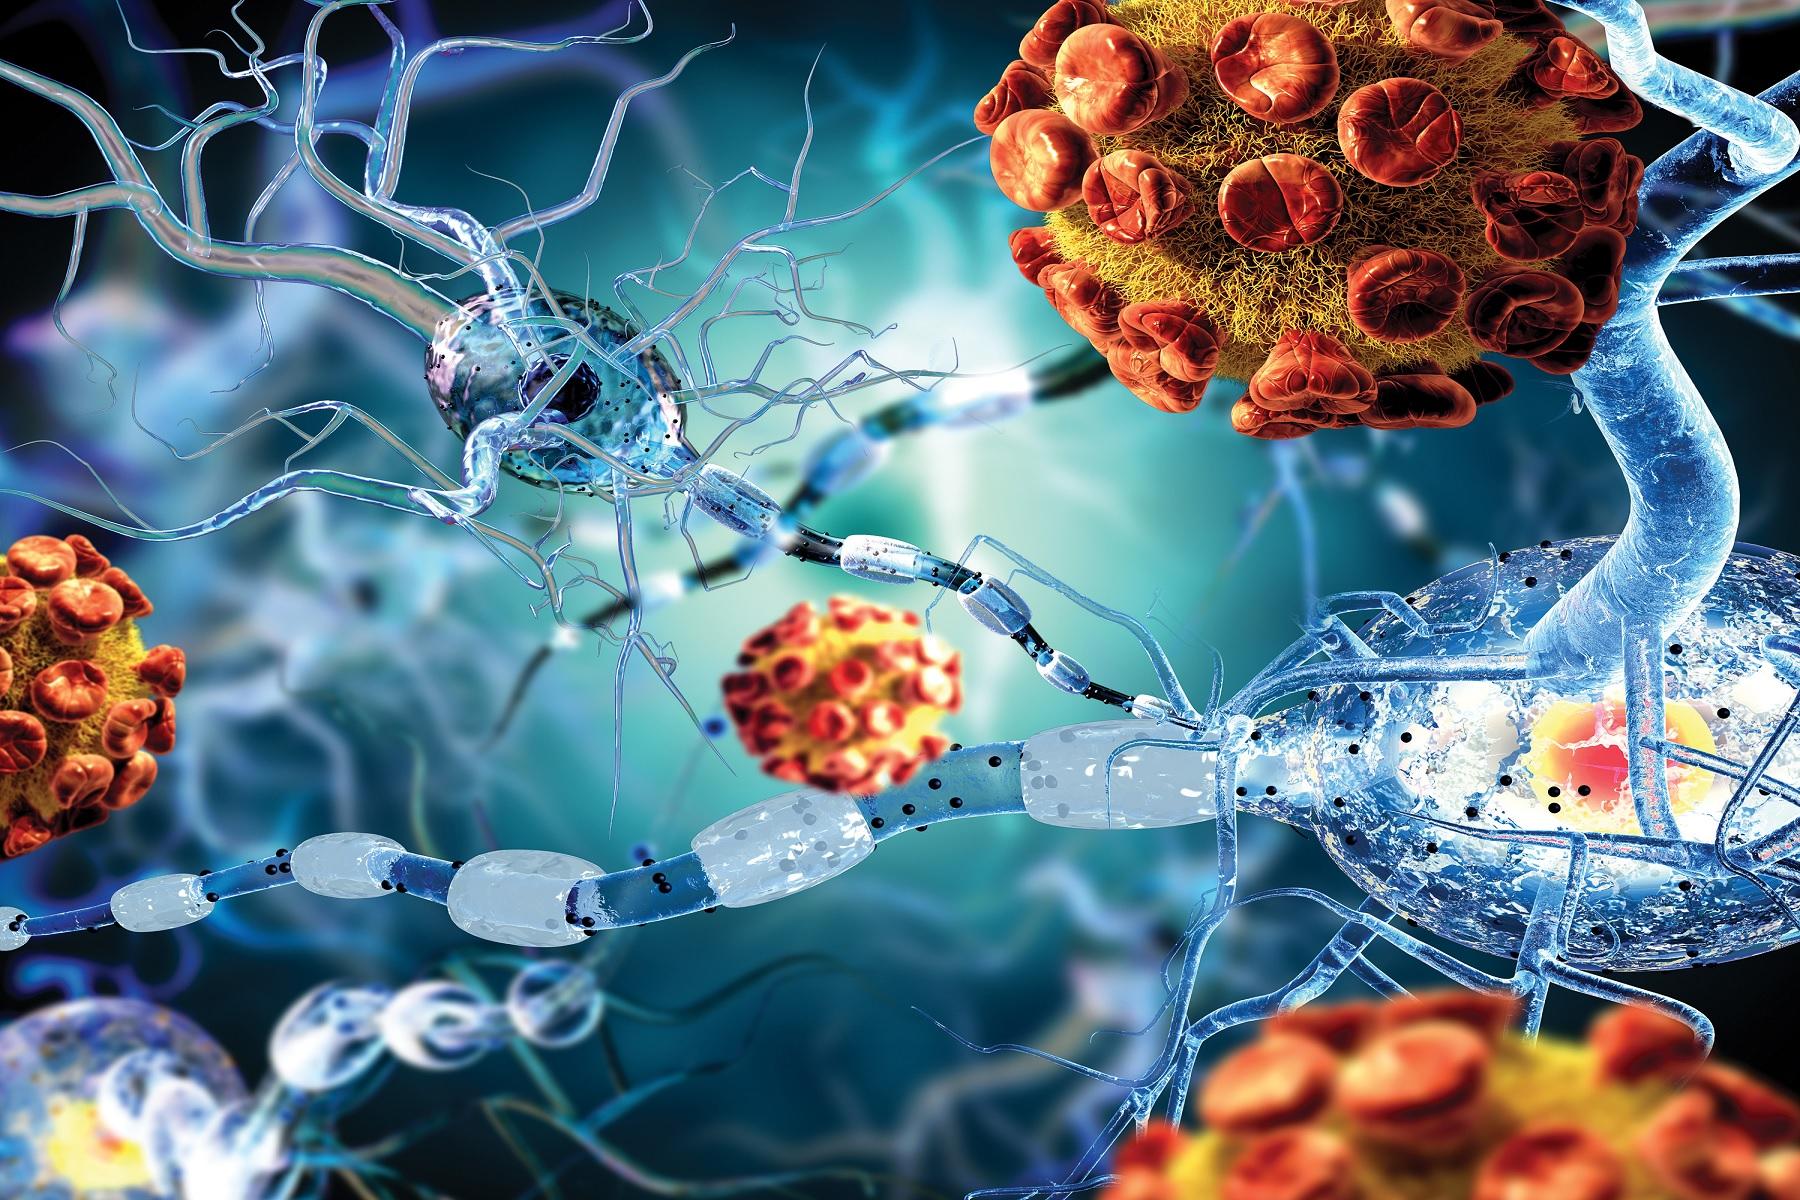 Αυτοάνοση ασθένεια ένζυμο: Εμπλέκεται σε βασικές μεταβολικές διεργασίες